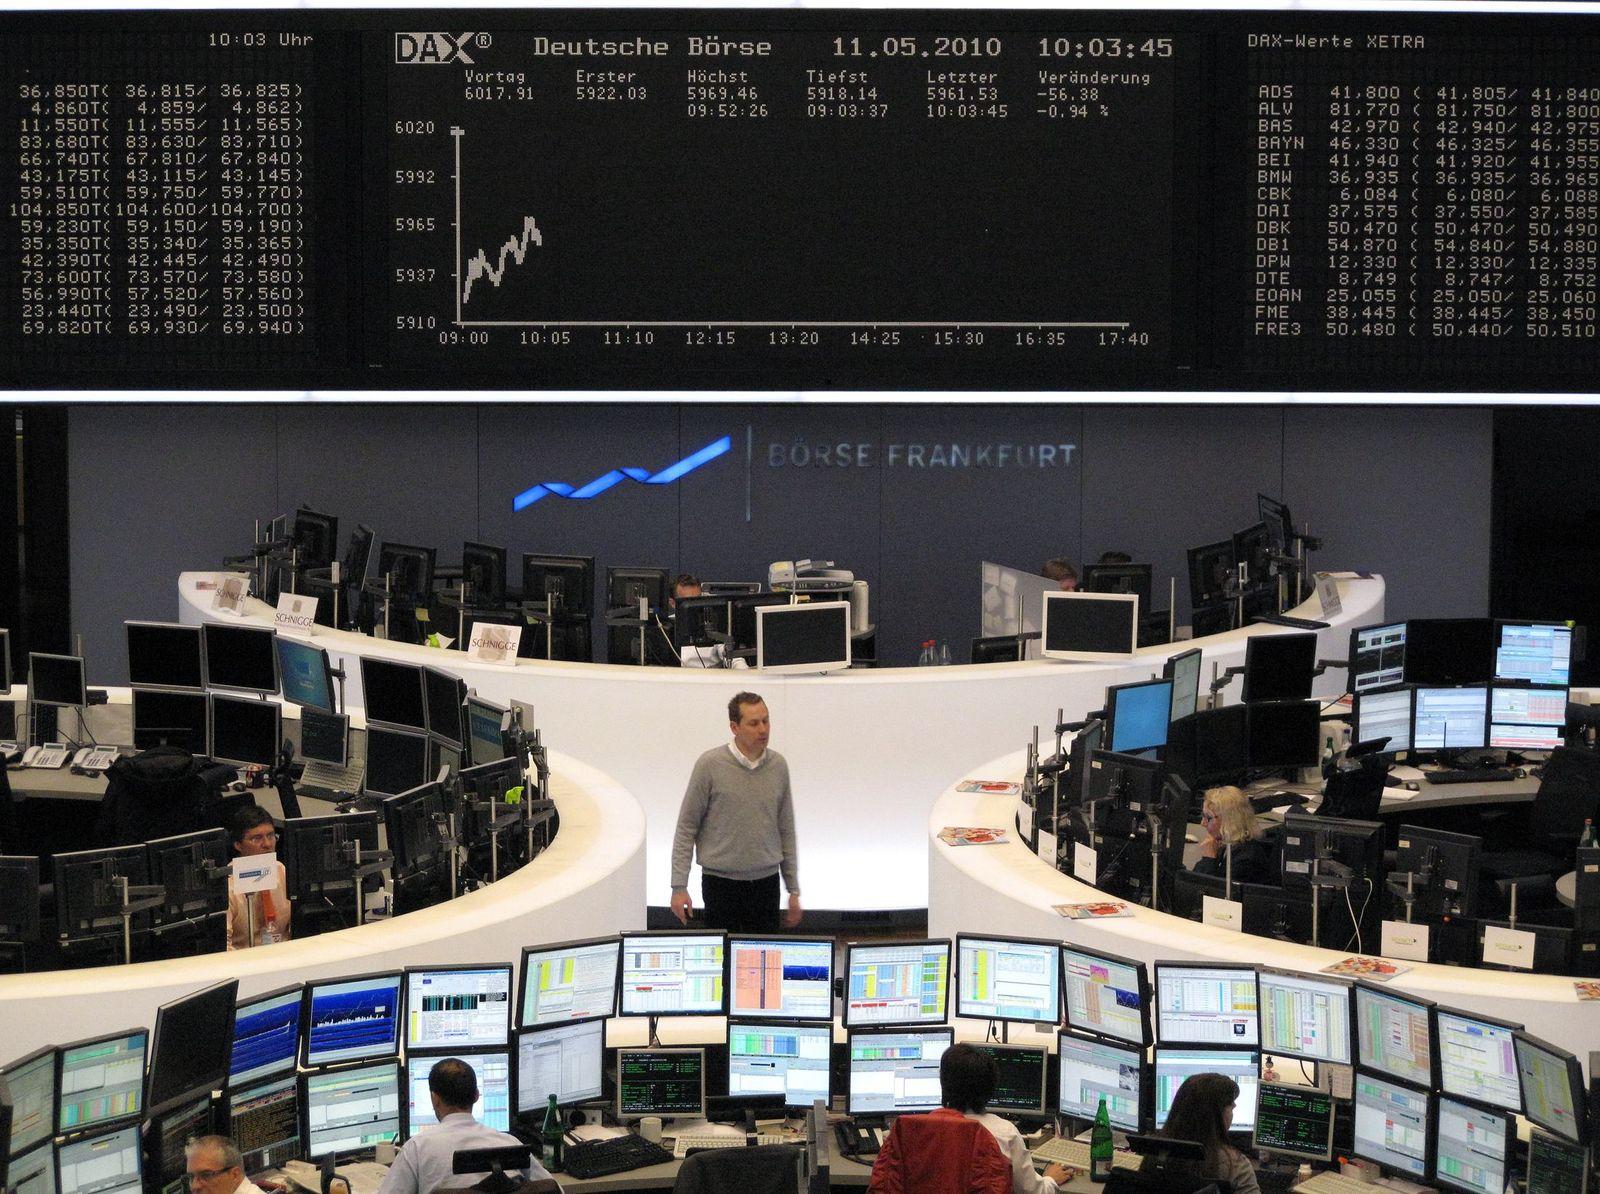 Börse Frankfurt / DAX